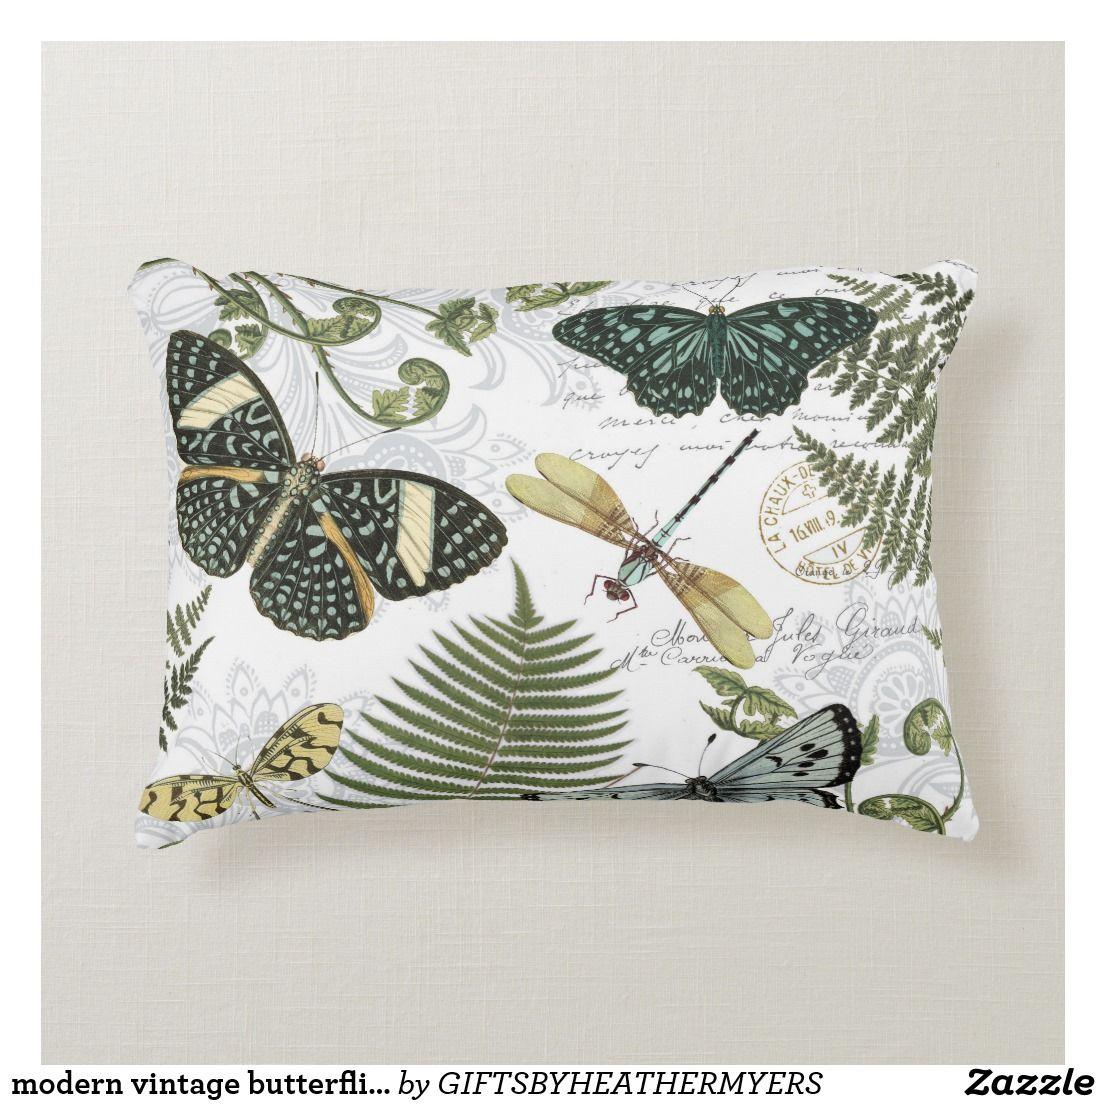 Modern Vintage Butterflies And Dragonflies Decorative Pillow